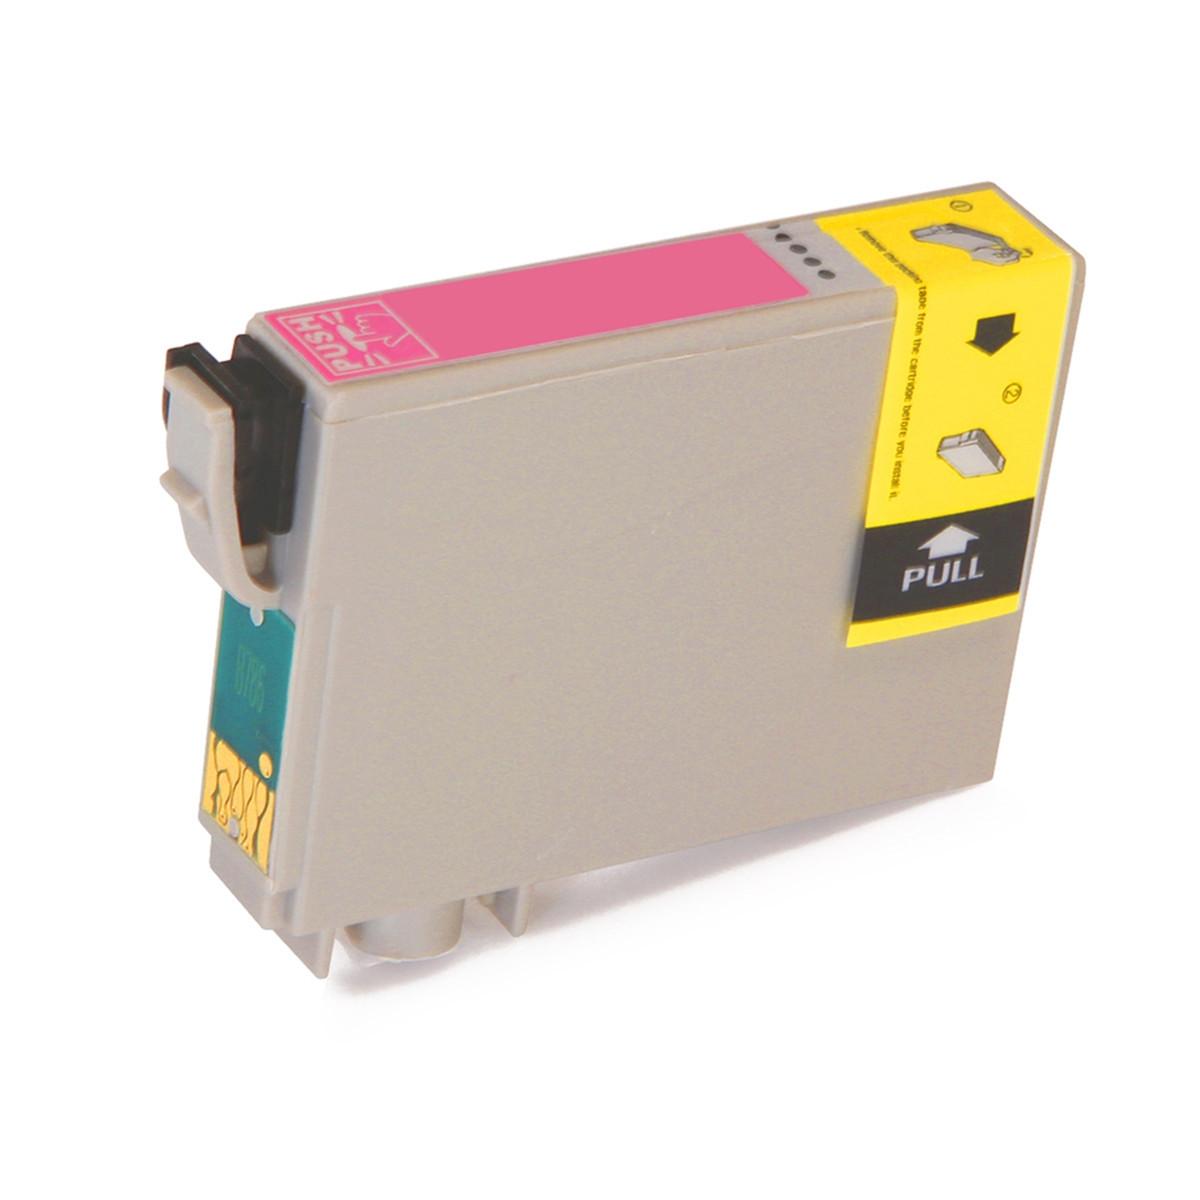 Cartucho de Tinta Epson Magenta Claro T078620, T0786, 78 | RX580 | R260 | R380 | 12 ml | Compatível